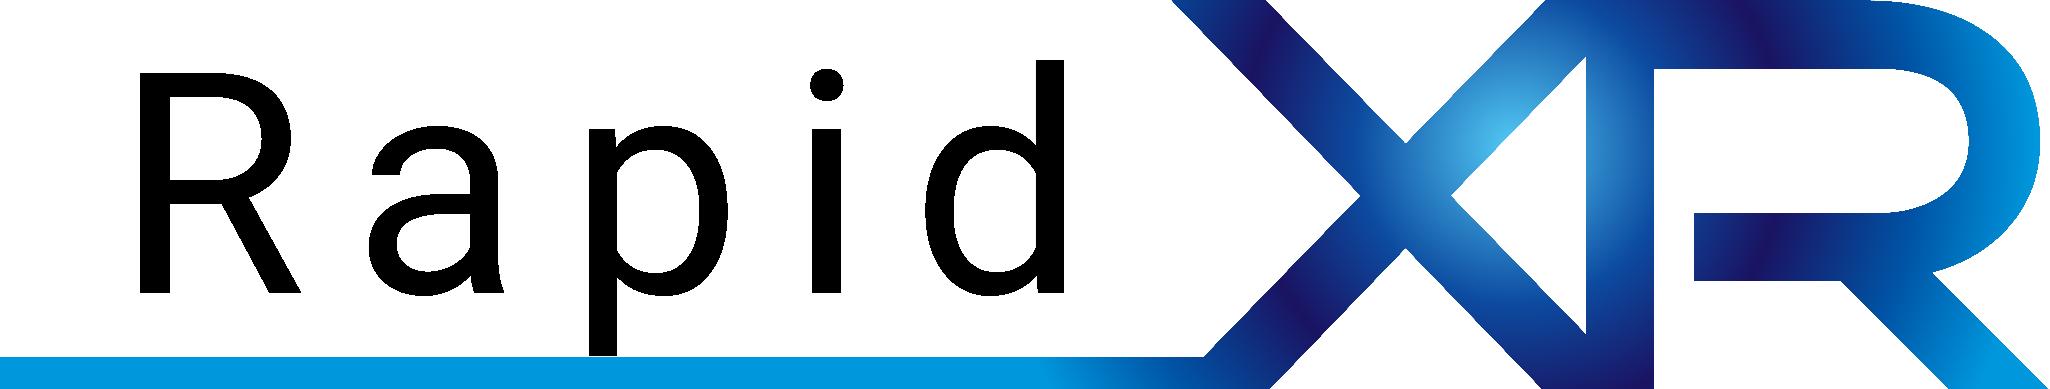 Blocksmith, Inc Logo